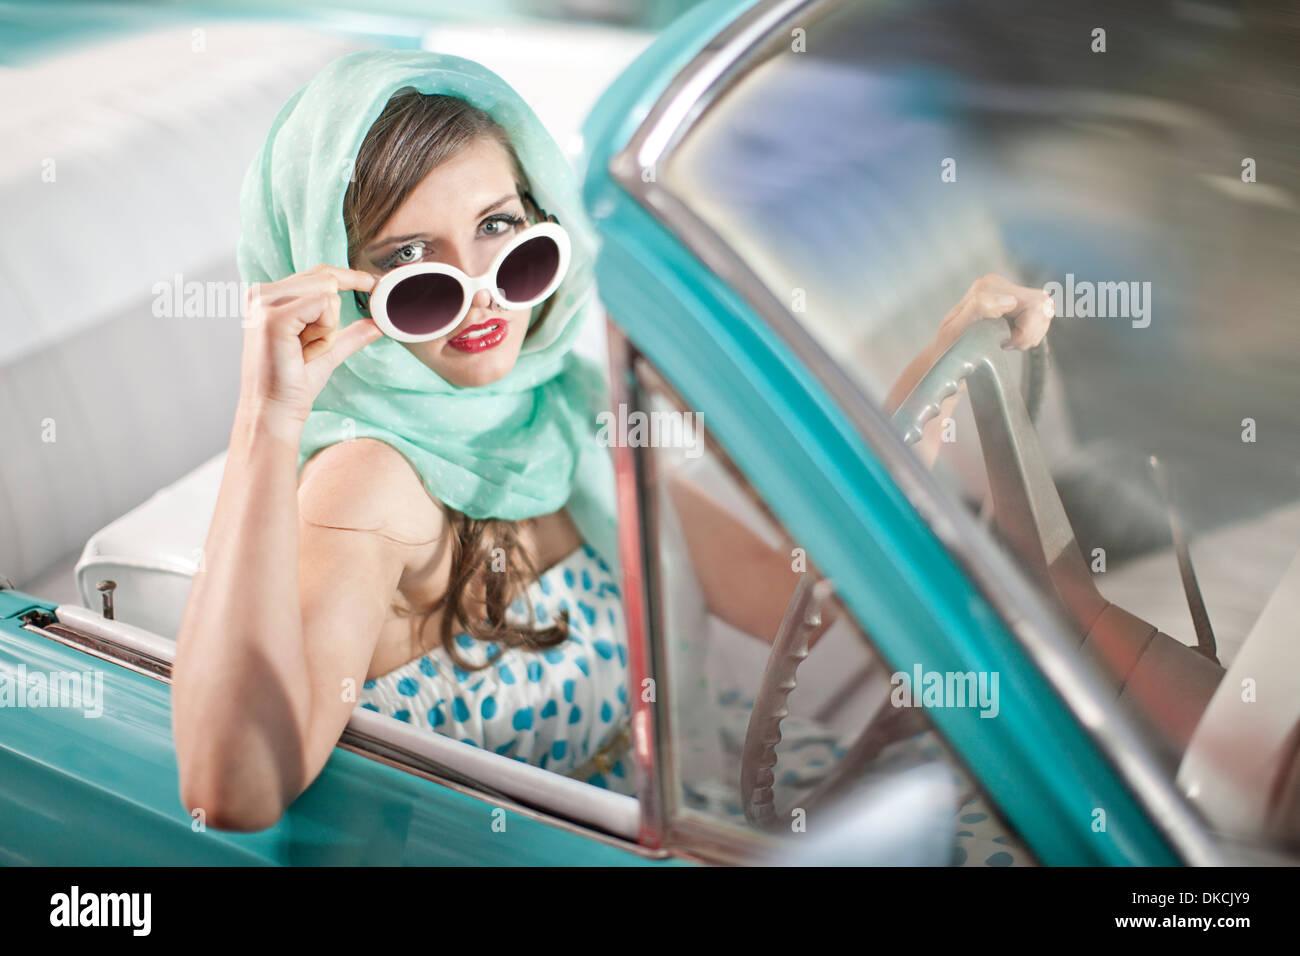 Donna in velo abbassando gli occhiali da sole nel convertibile vintage Immagini Stock